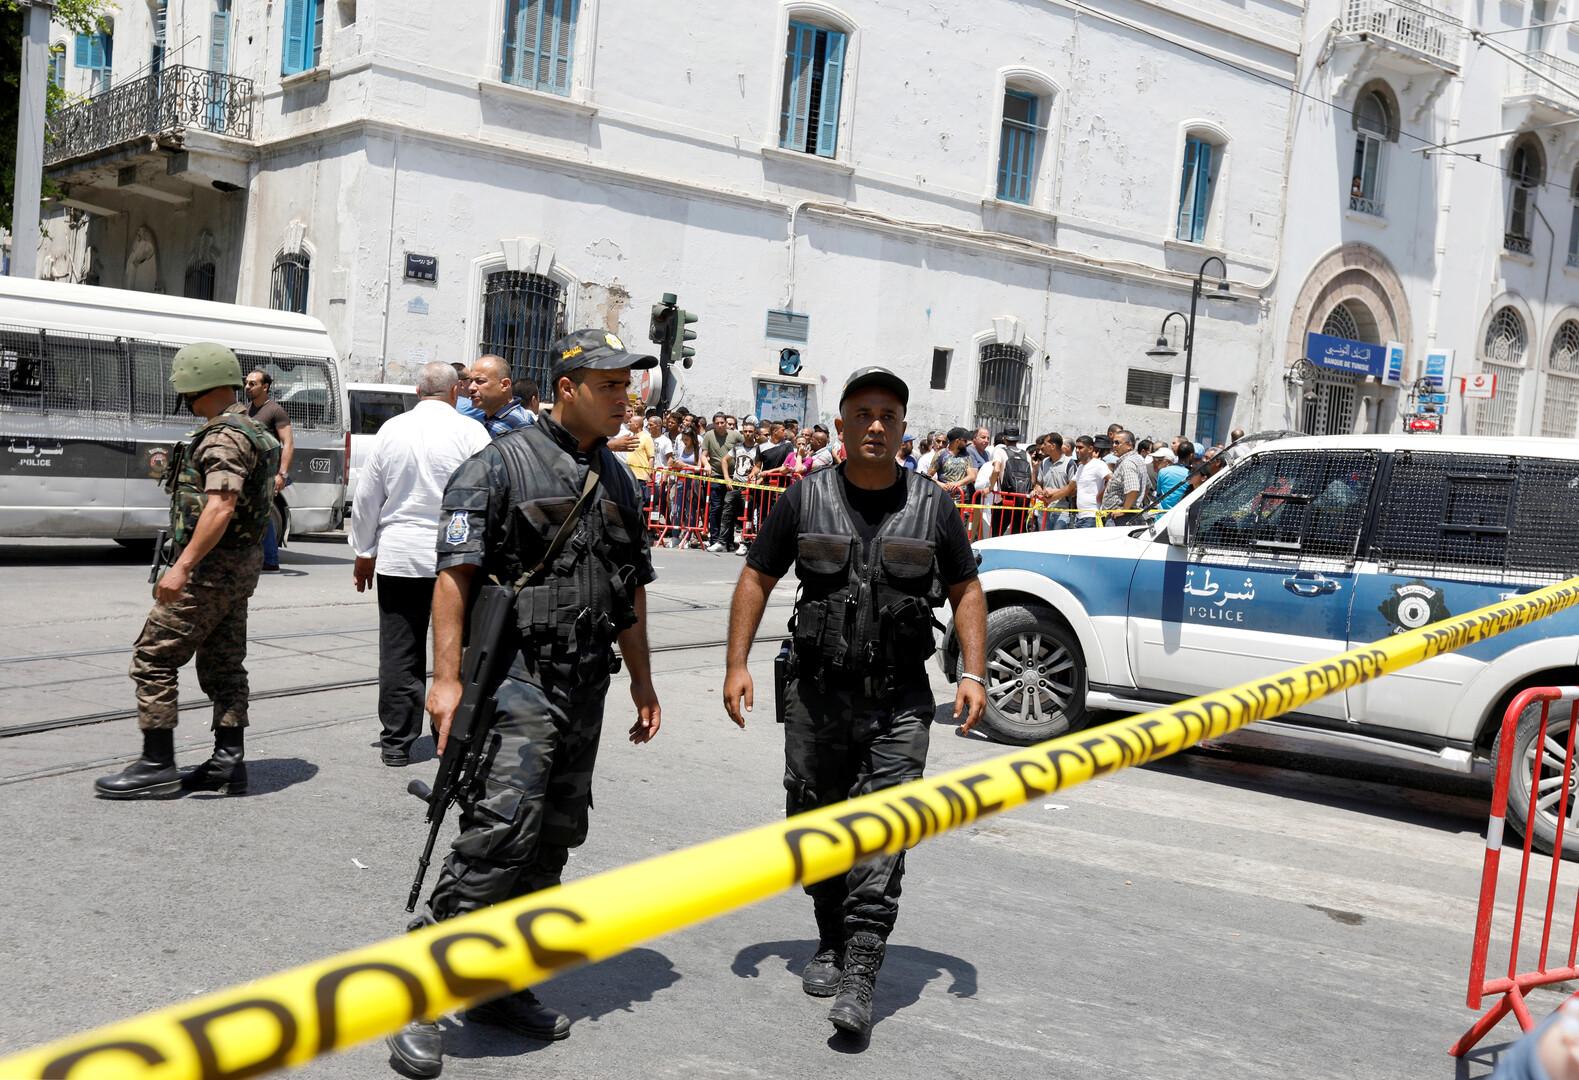 مقتل رجل أمن تونسي والاعتداء على عسكري بعد عملية طعن